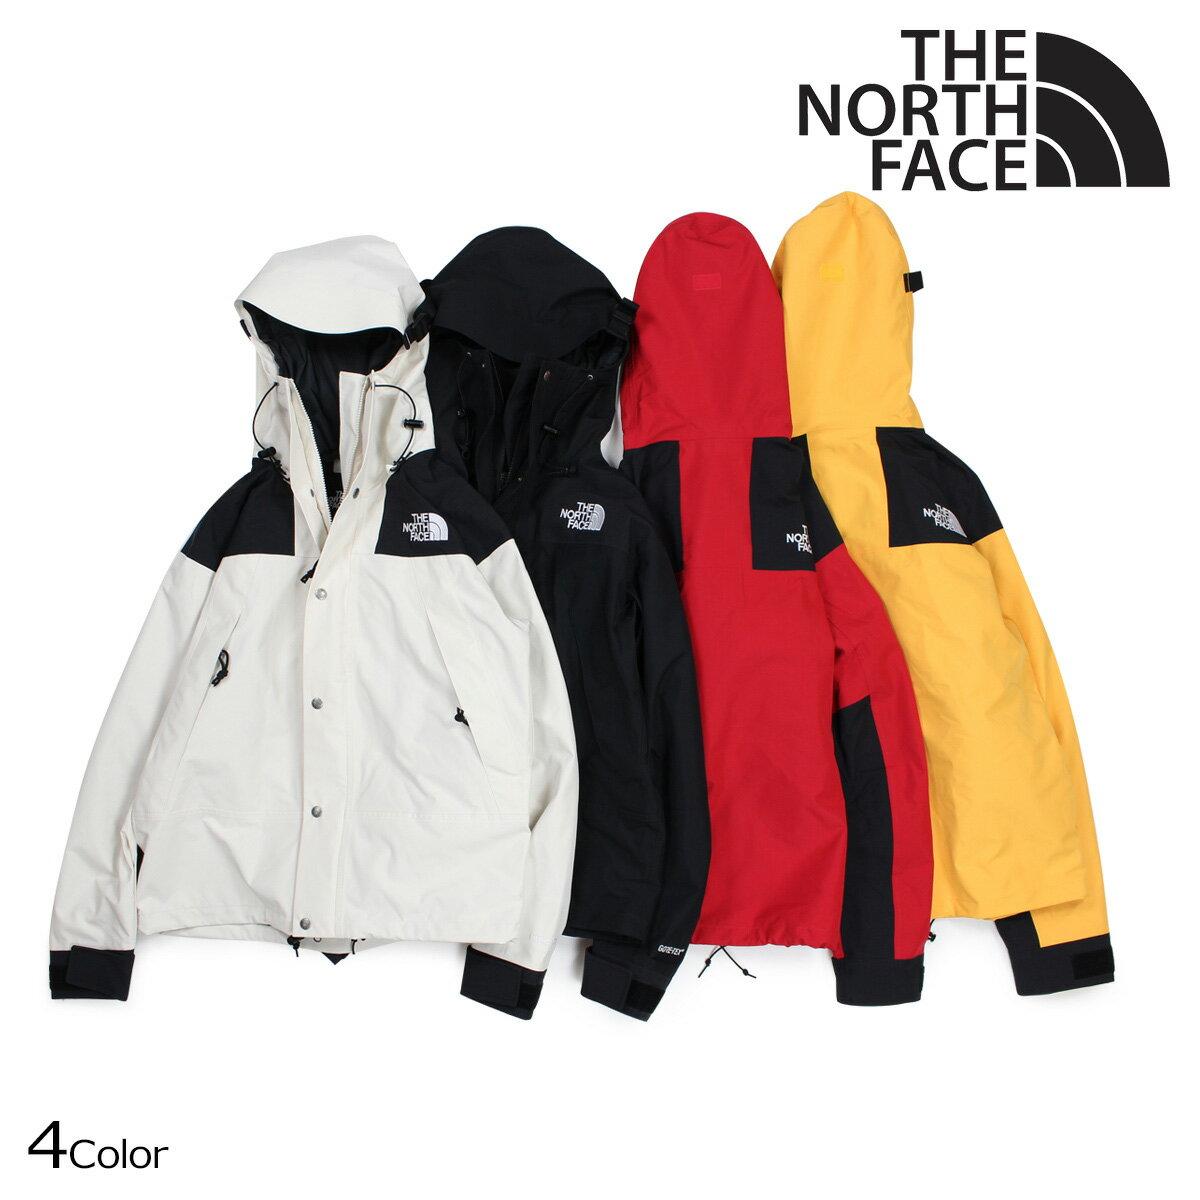 ノースフェイス THE NORTH FACE ジャケット ゴアテックス マウンテンジャケット メンズ MENS 1990 MOUNTAIN JACKET GTX NF0A3JPA 【決算セール 返品不可】